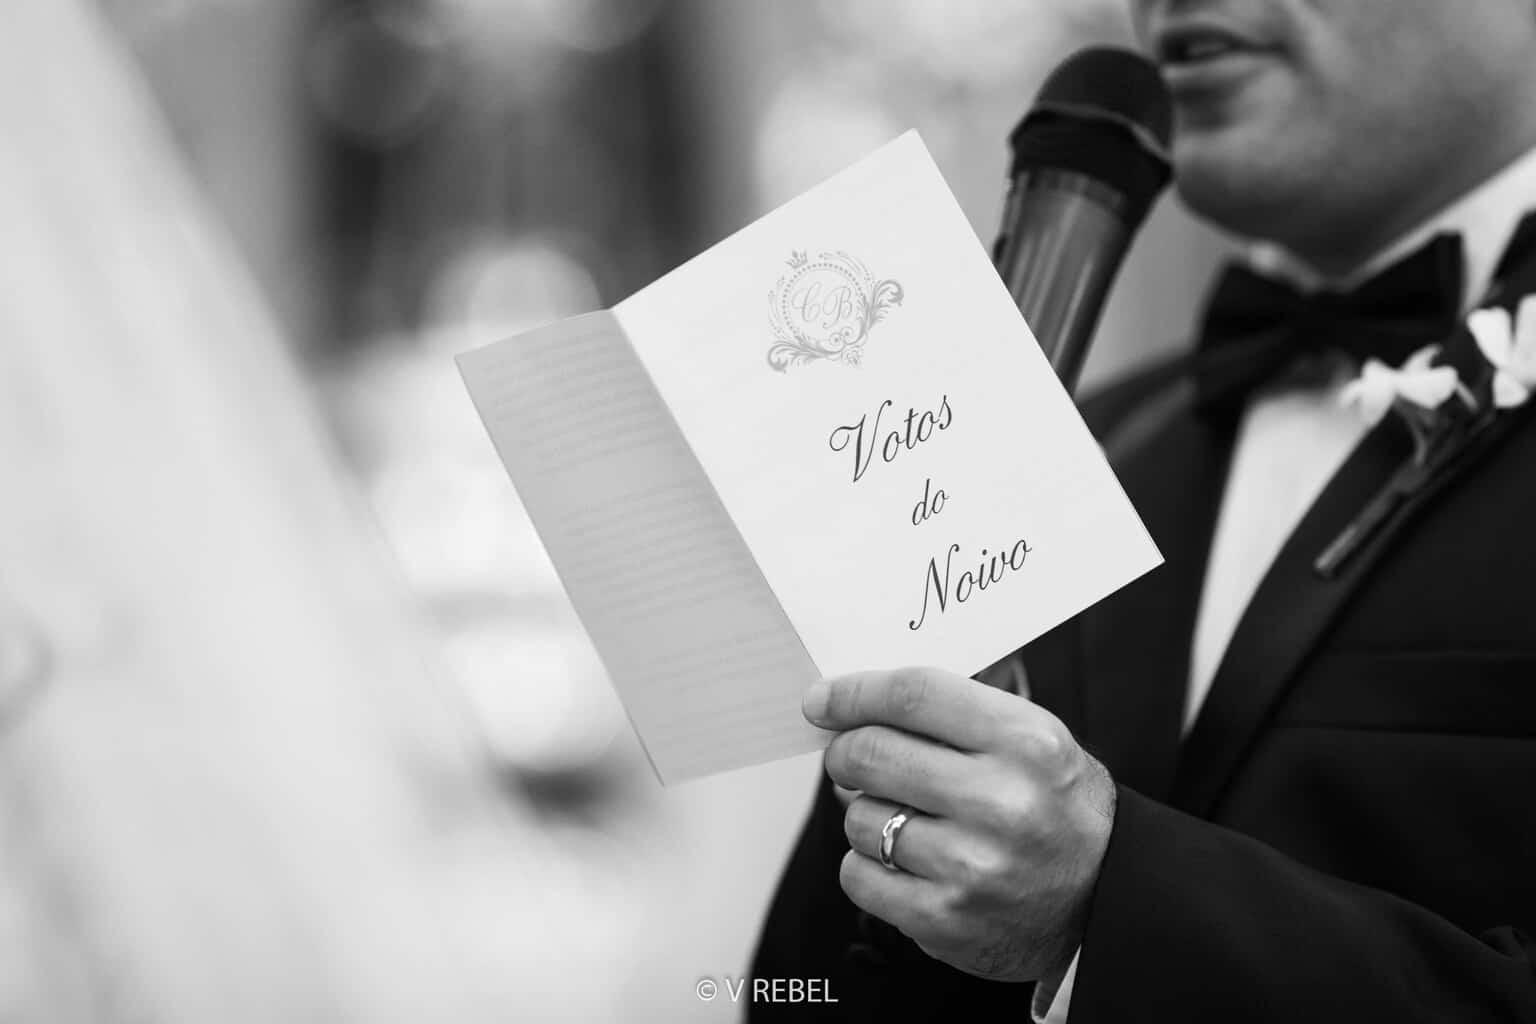 casamento-Caroline-e-Breno-casamento-clássico-cerimonia-na-igreja-fotografia-VRebel47